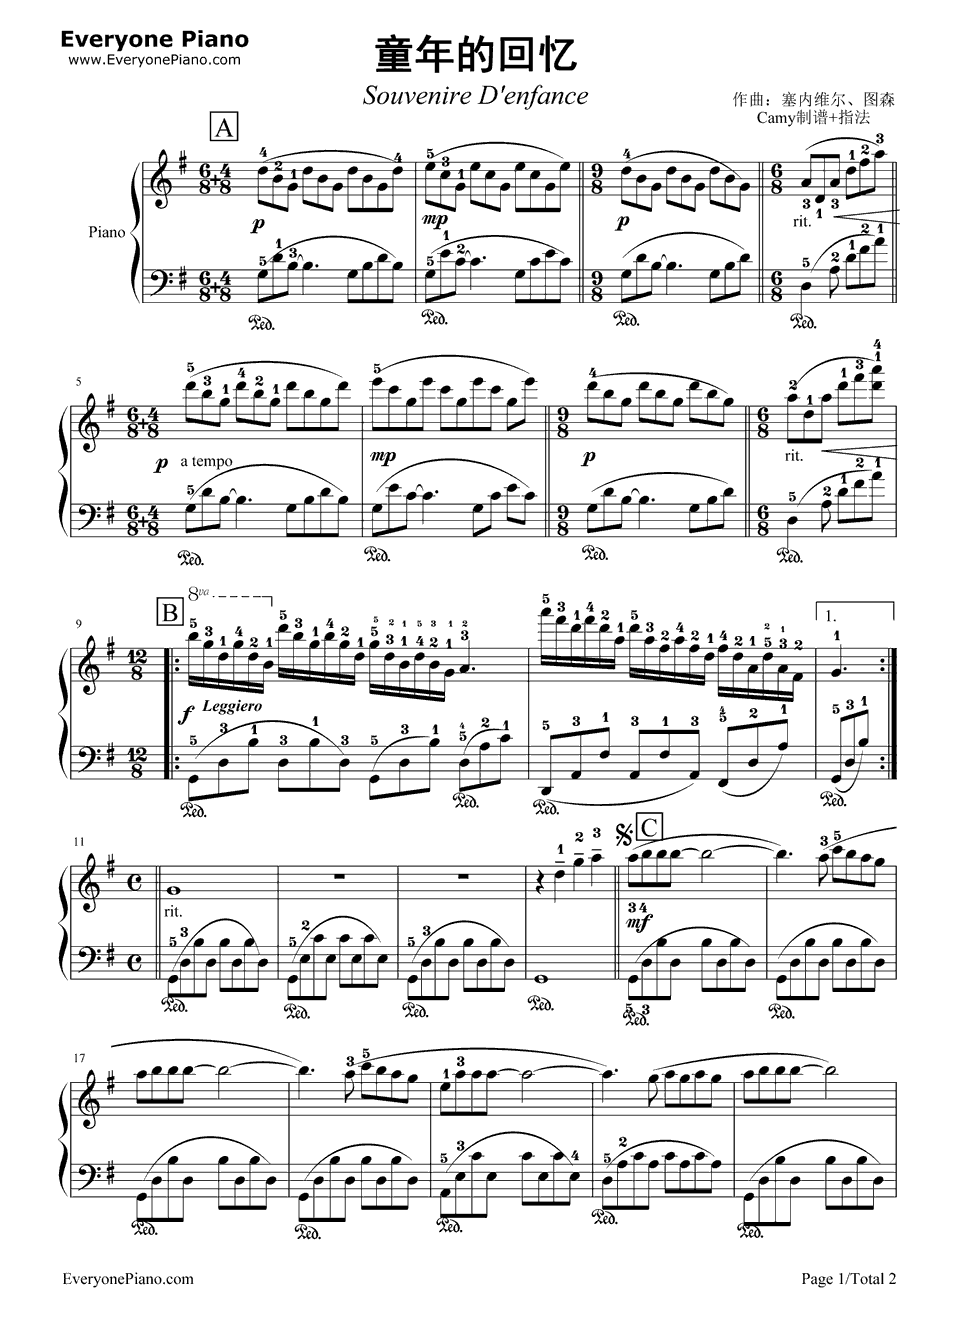 《童年的回忆》 - 钢琴谱_钢琴曲谱_钢琴歌谱 - 好